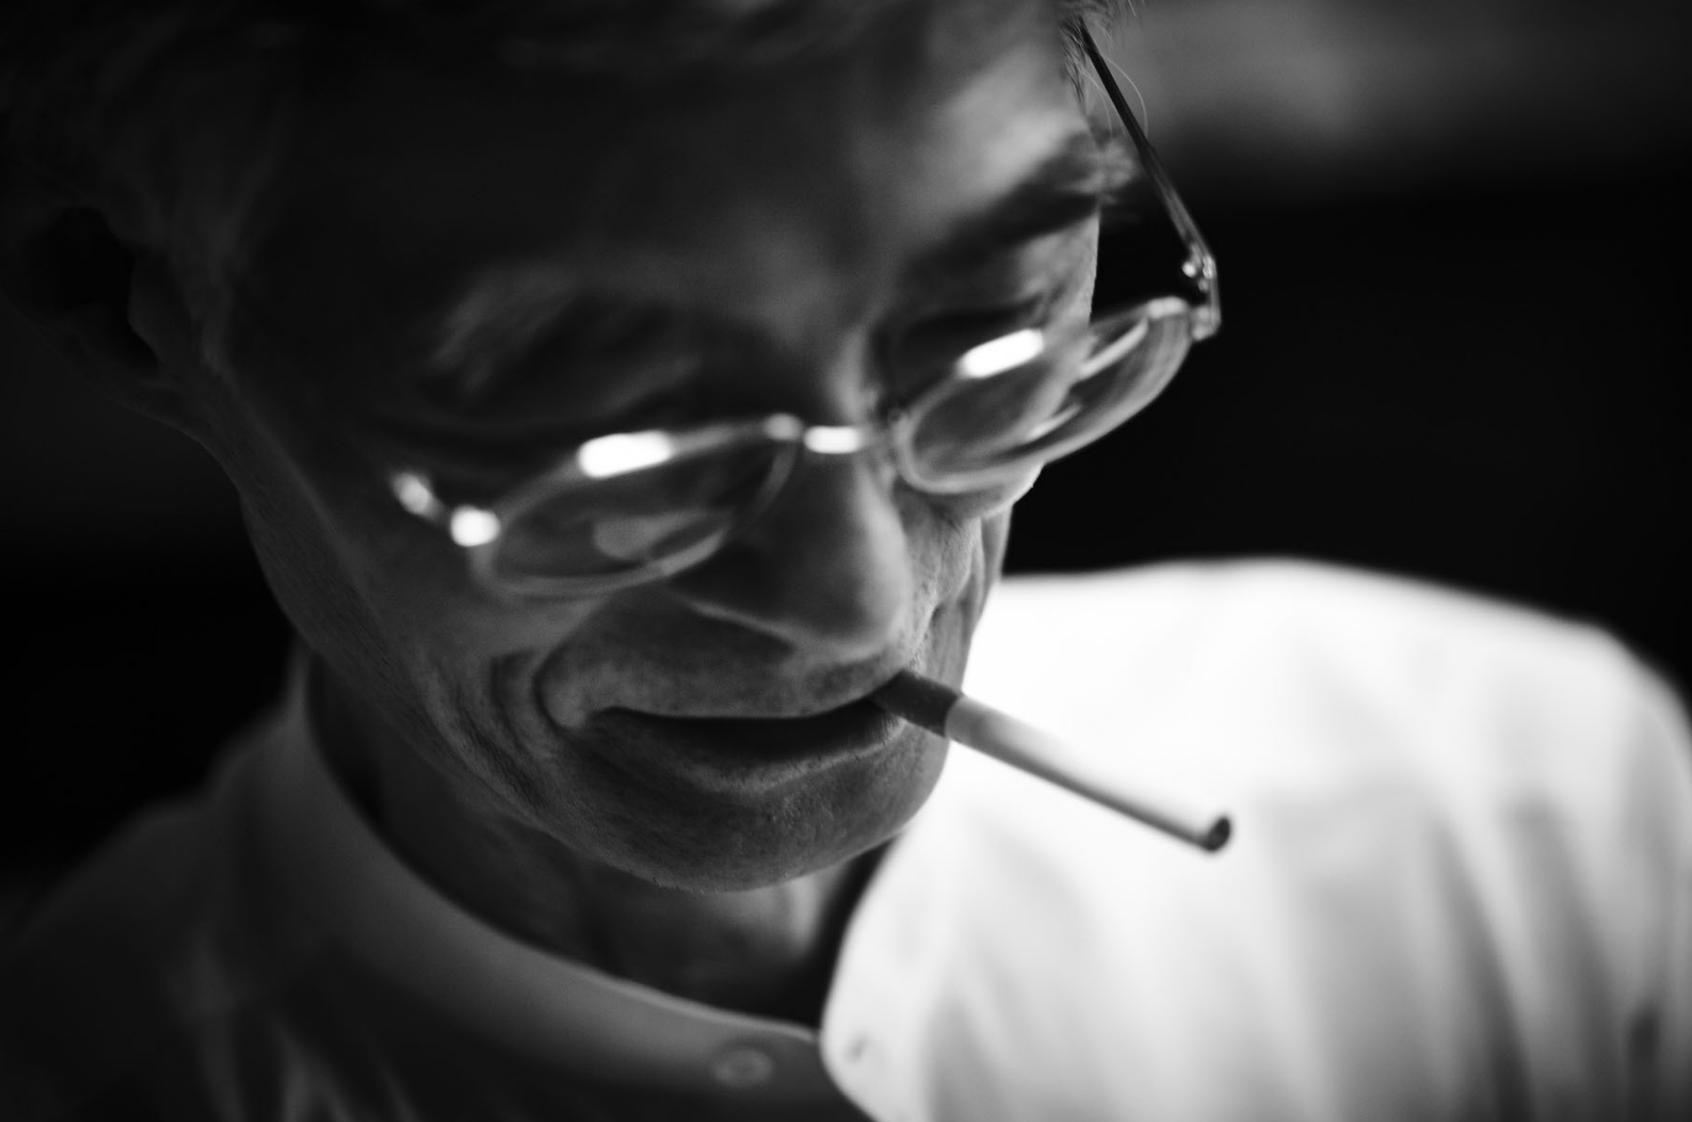 Yosuke Kashiwakura – human photo